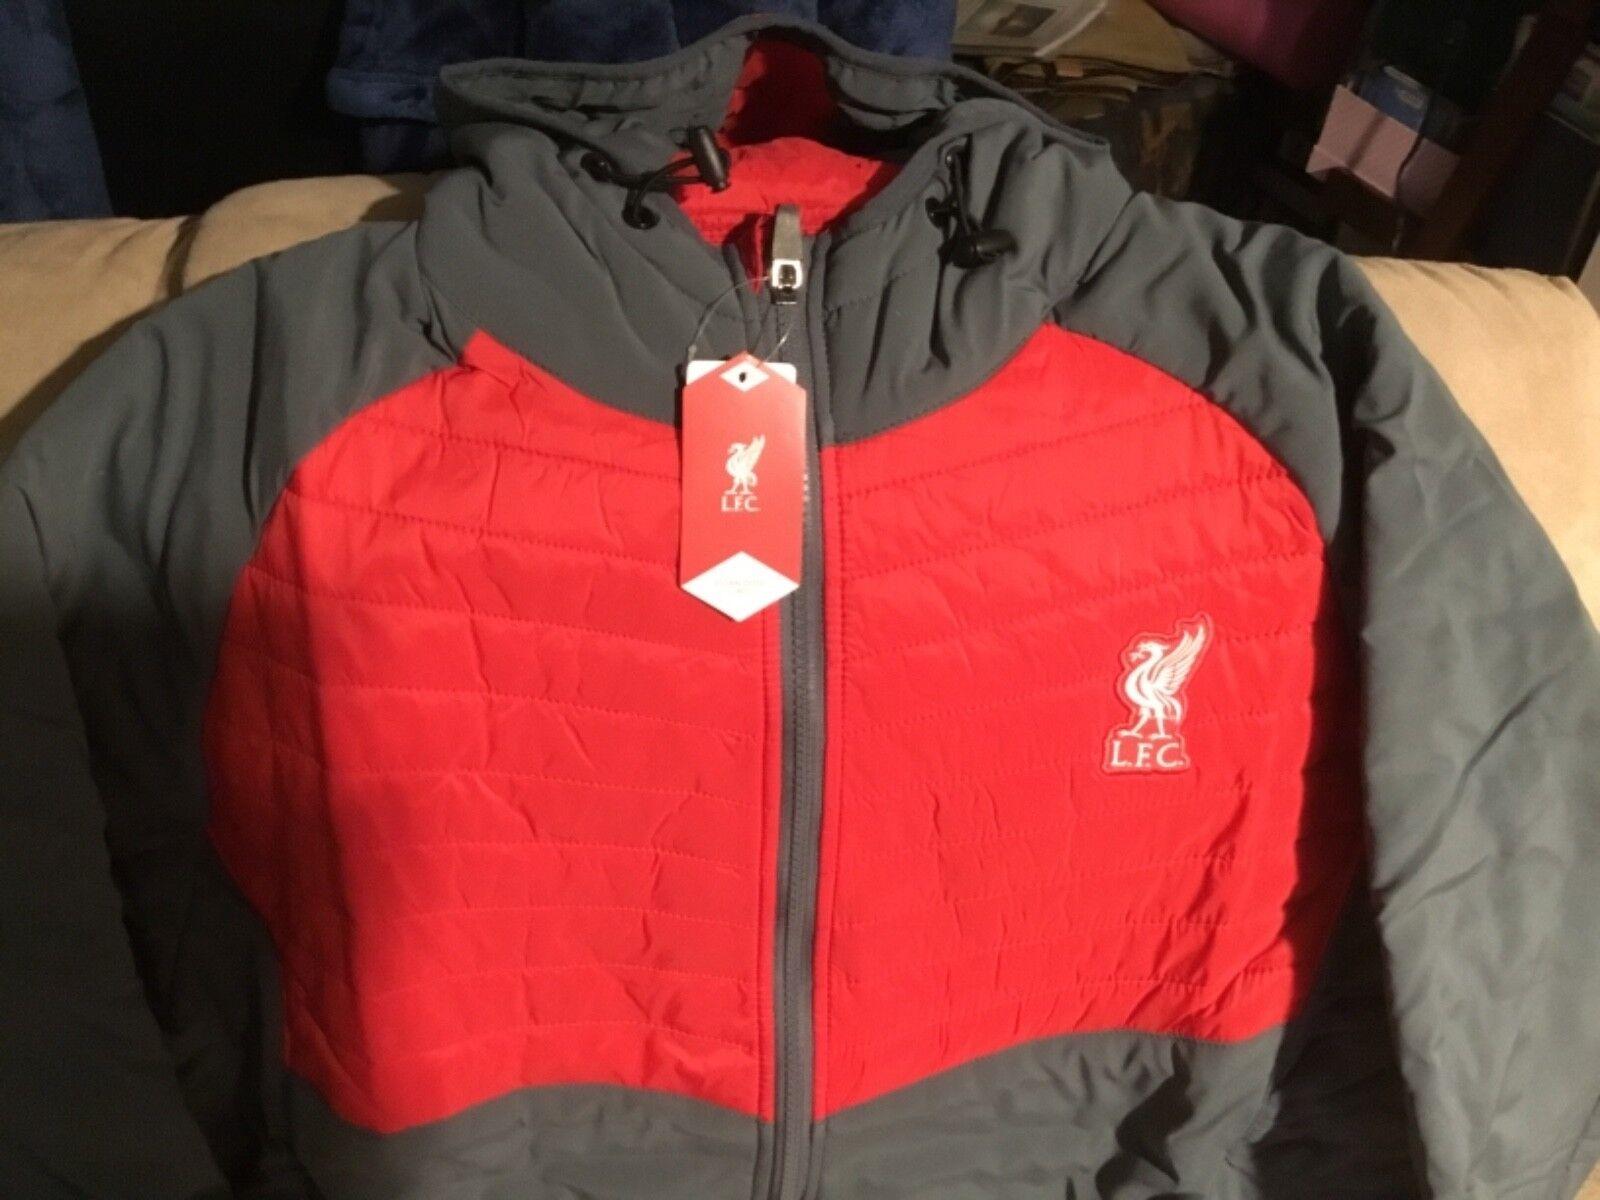 Liverpool F.C Premier League inglesa, Chaqueta híbrida Acolchado, Acolchado, Acolchado, Para Hombre Xl Nuevo Con Etiquetas 64c797